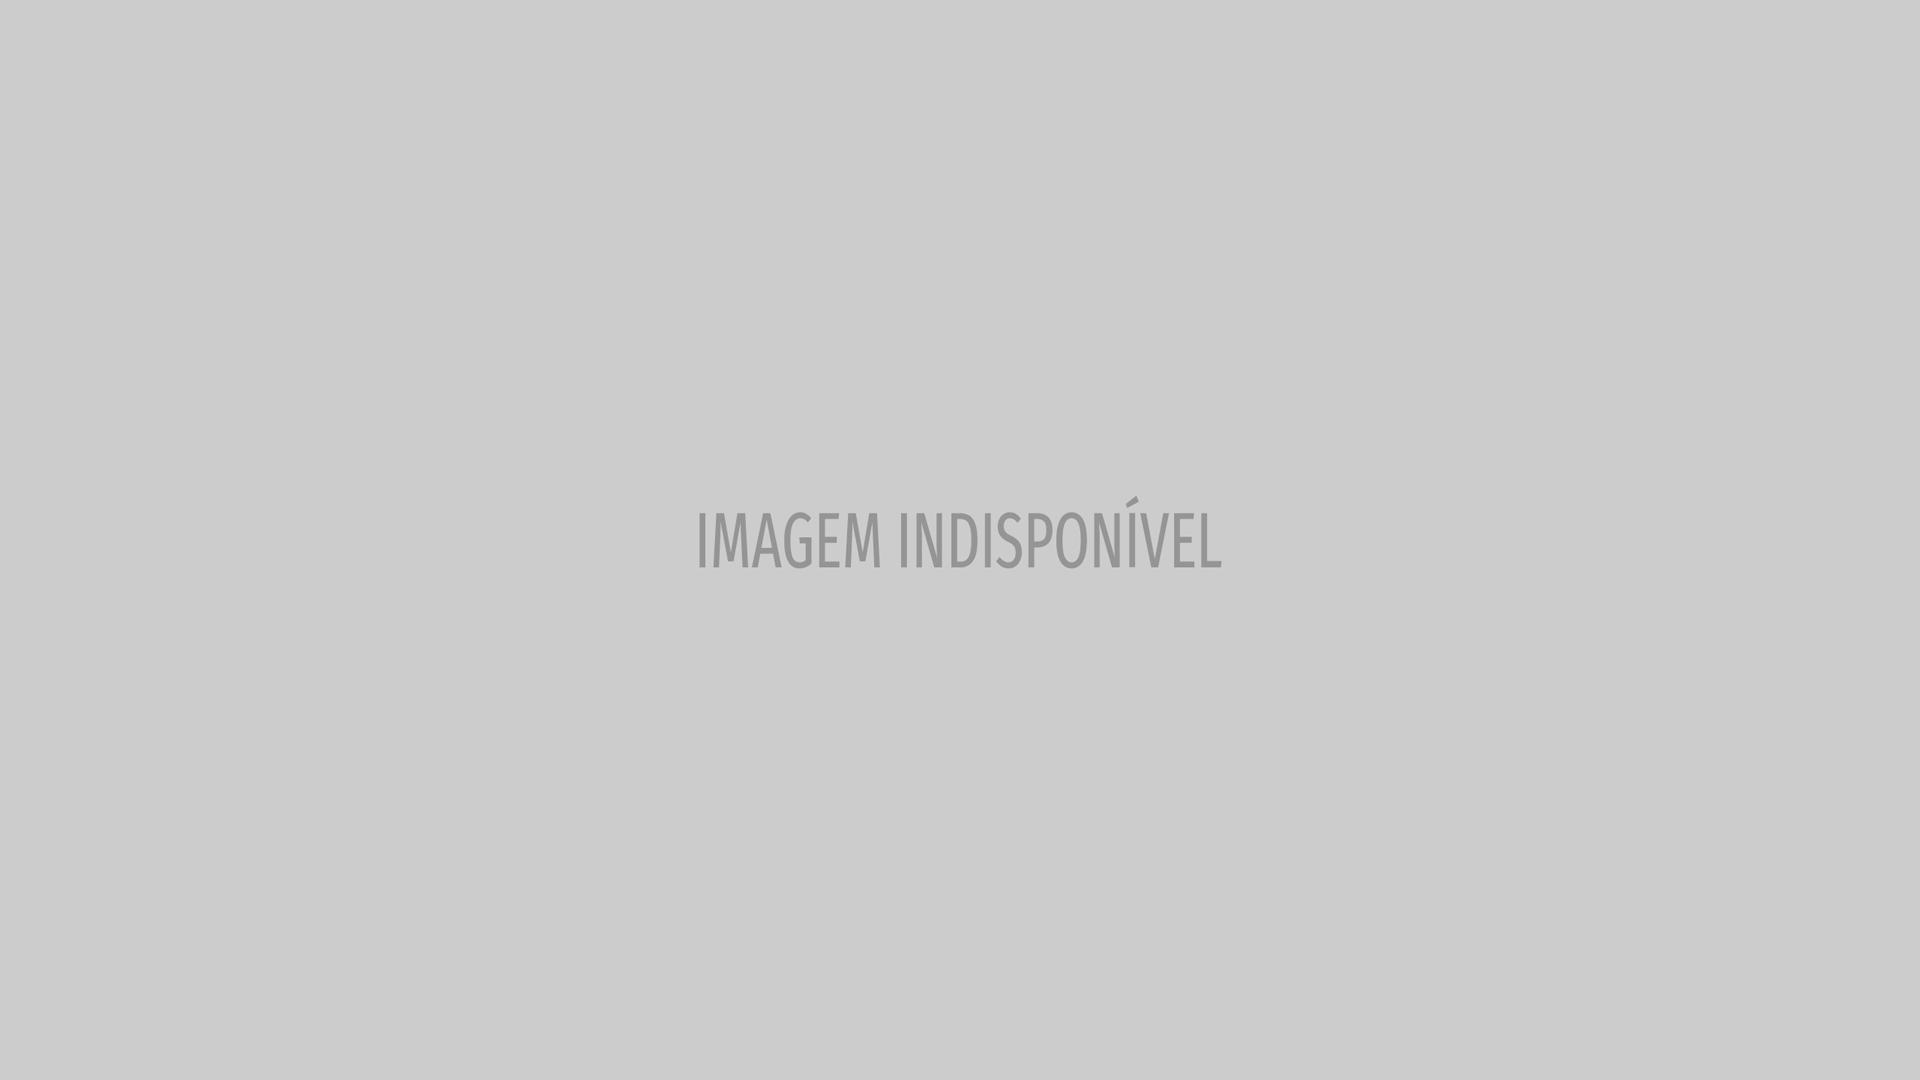 Príncipe Harry e Meghan posam juntos em foto de derreter corações